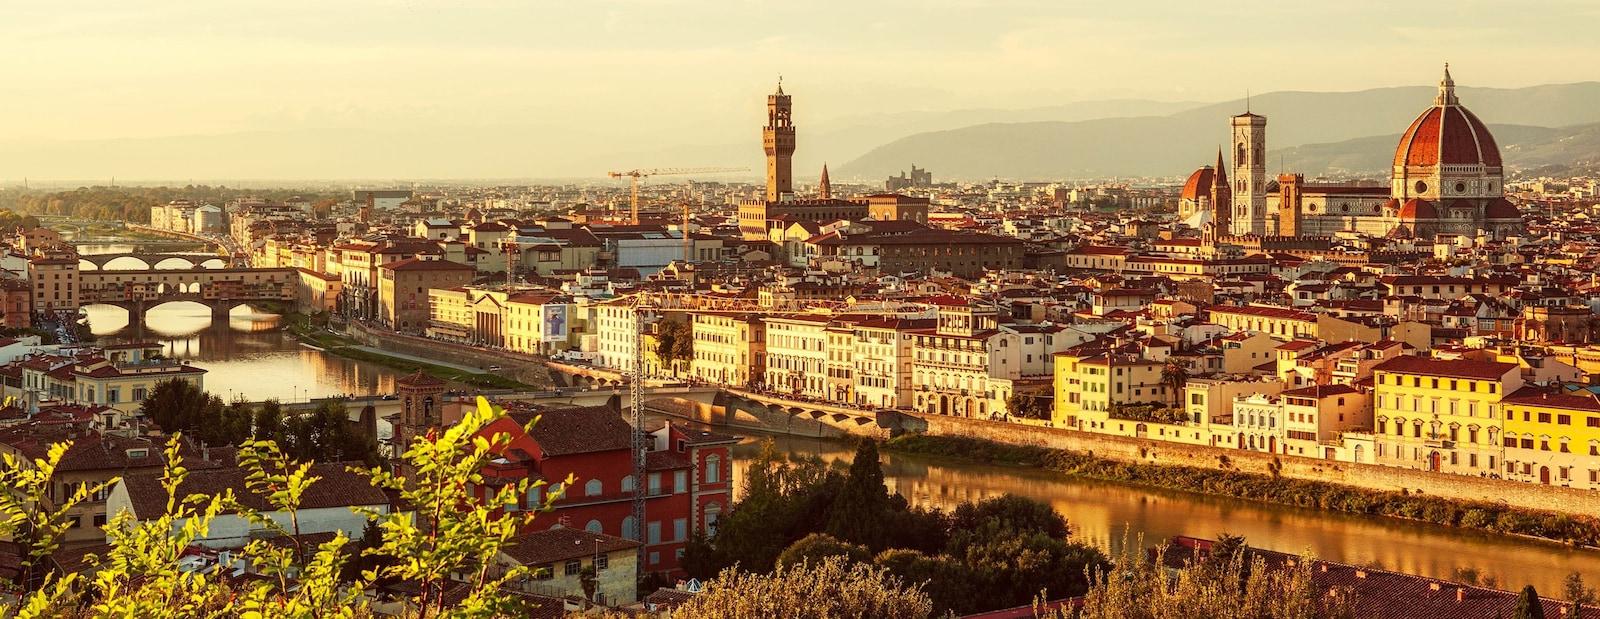 佛罗伦萨的度假屋